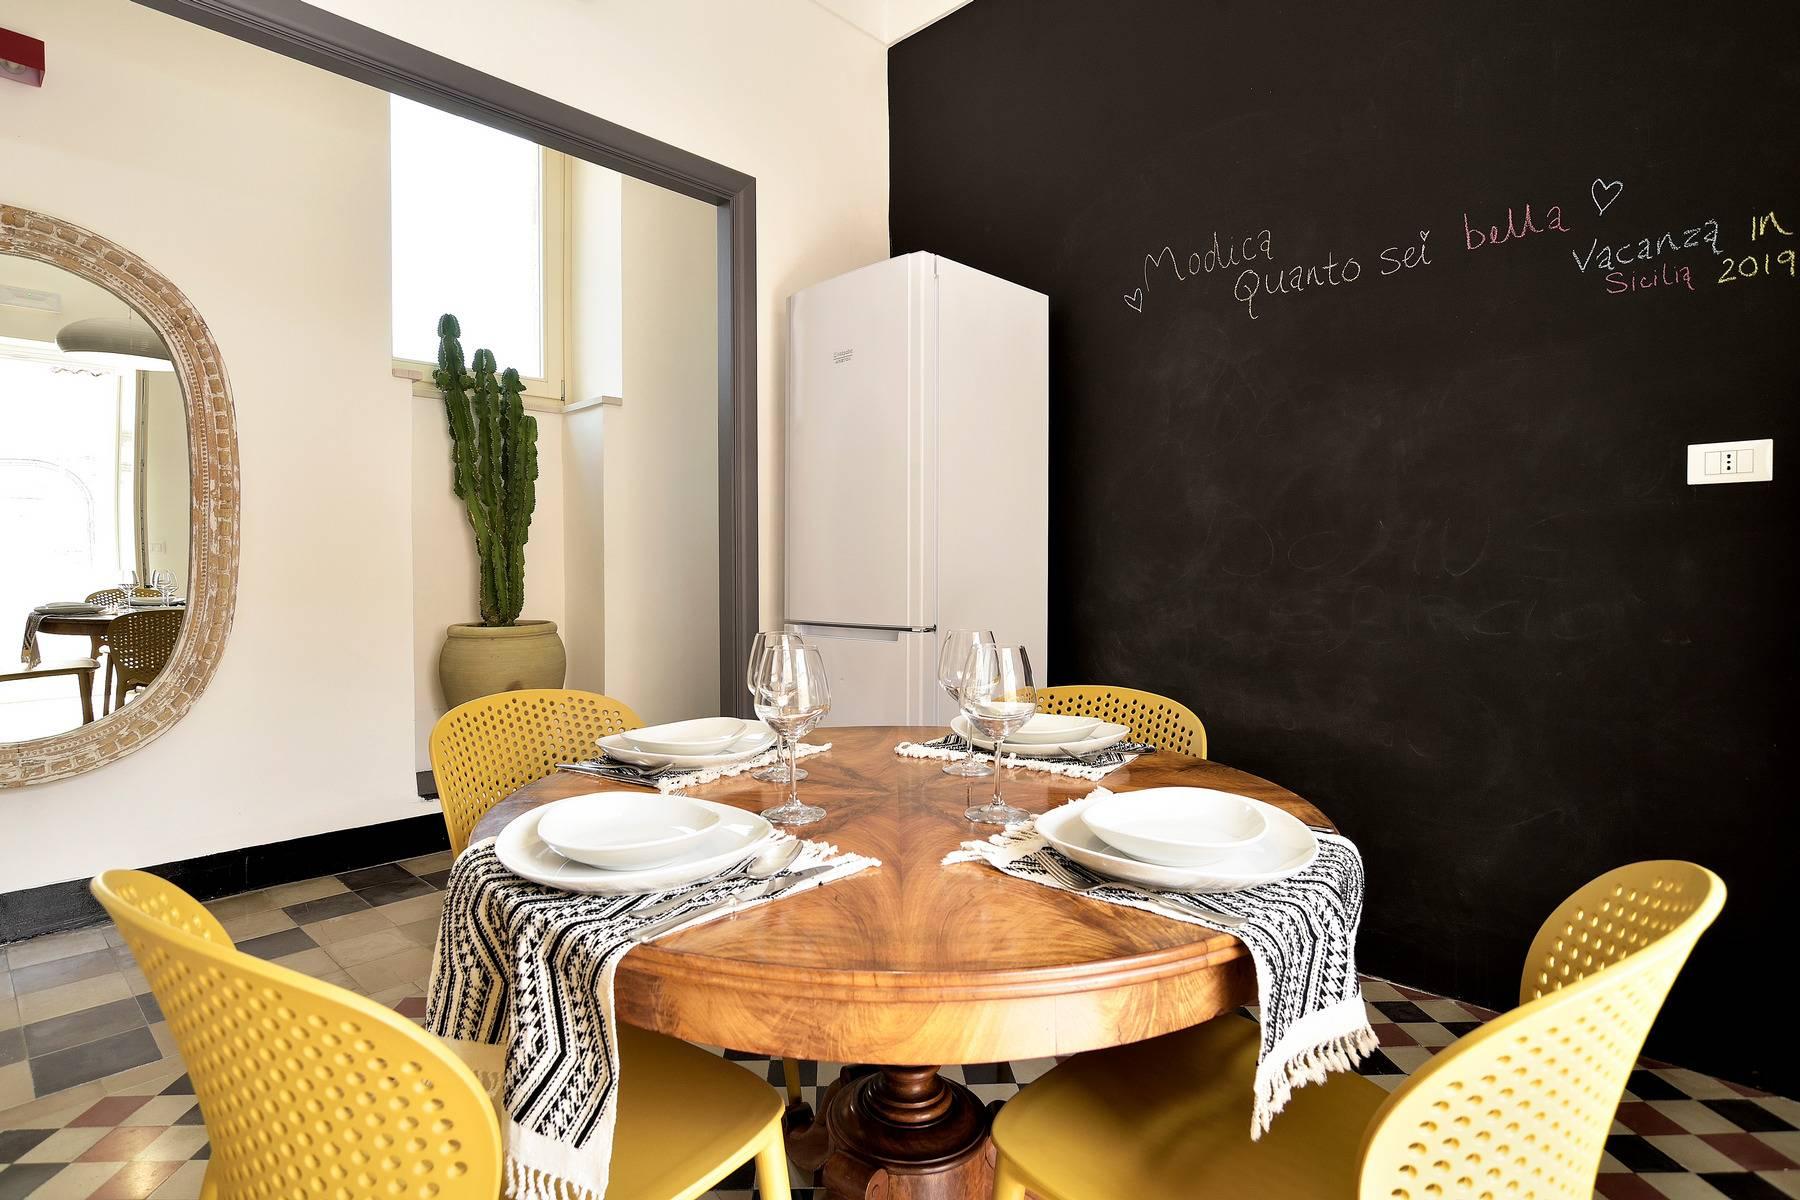 Casa indipendente in Vendita a Modica: 5 locali, 185 mq - Foto 2